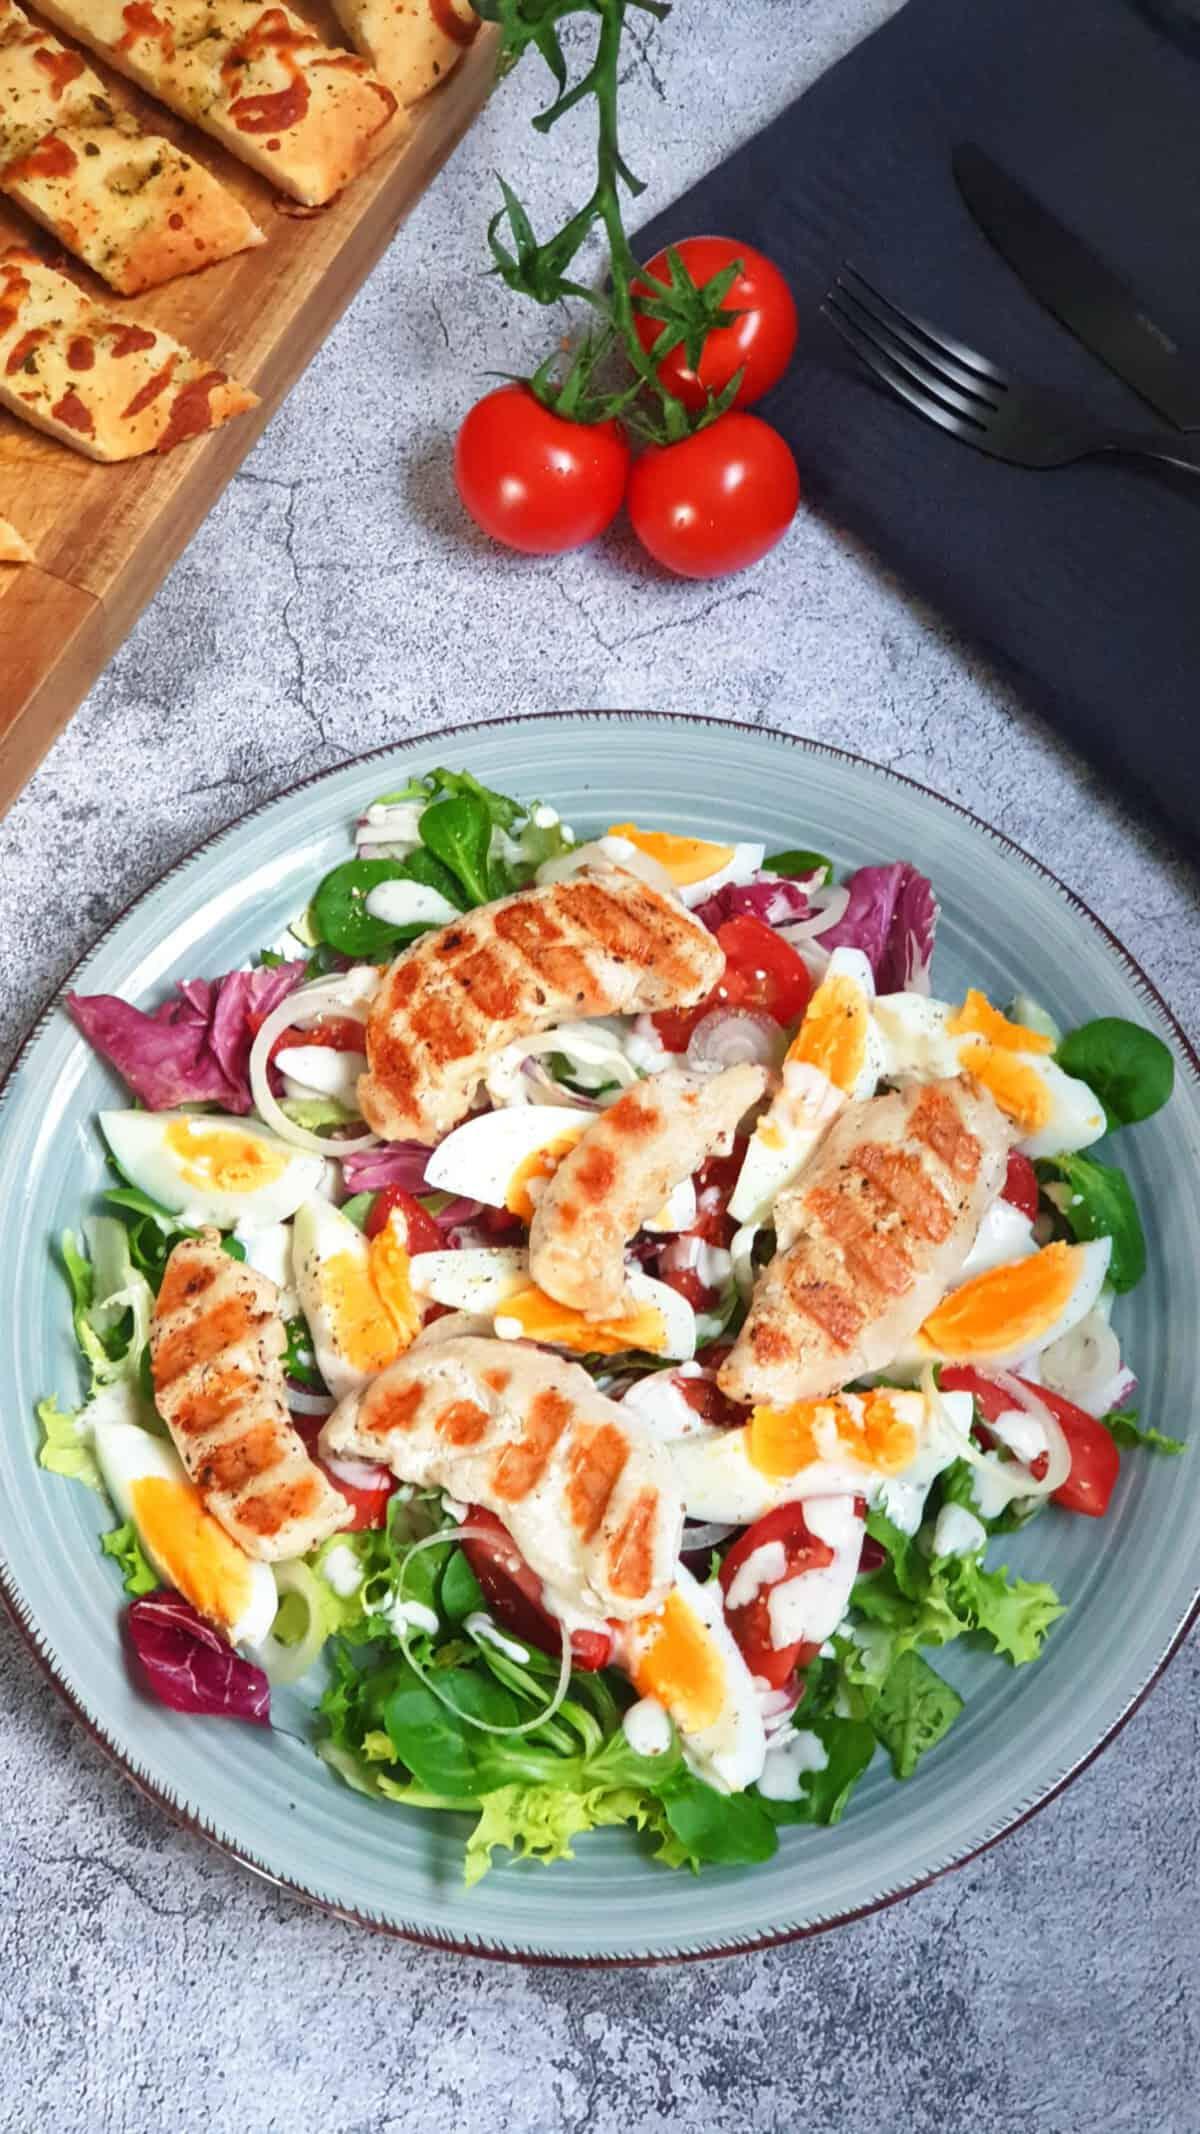 Auf einem grünen Teller sieht man einen frischen Salat mit gegrilltem Hähnchen und mit Joghurt Dressing.